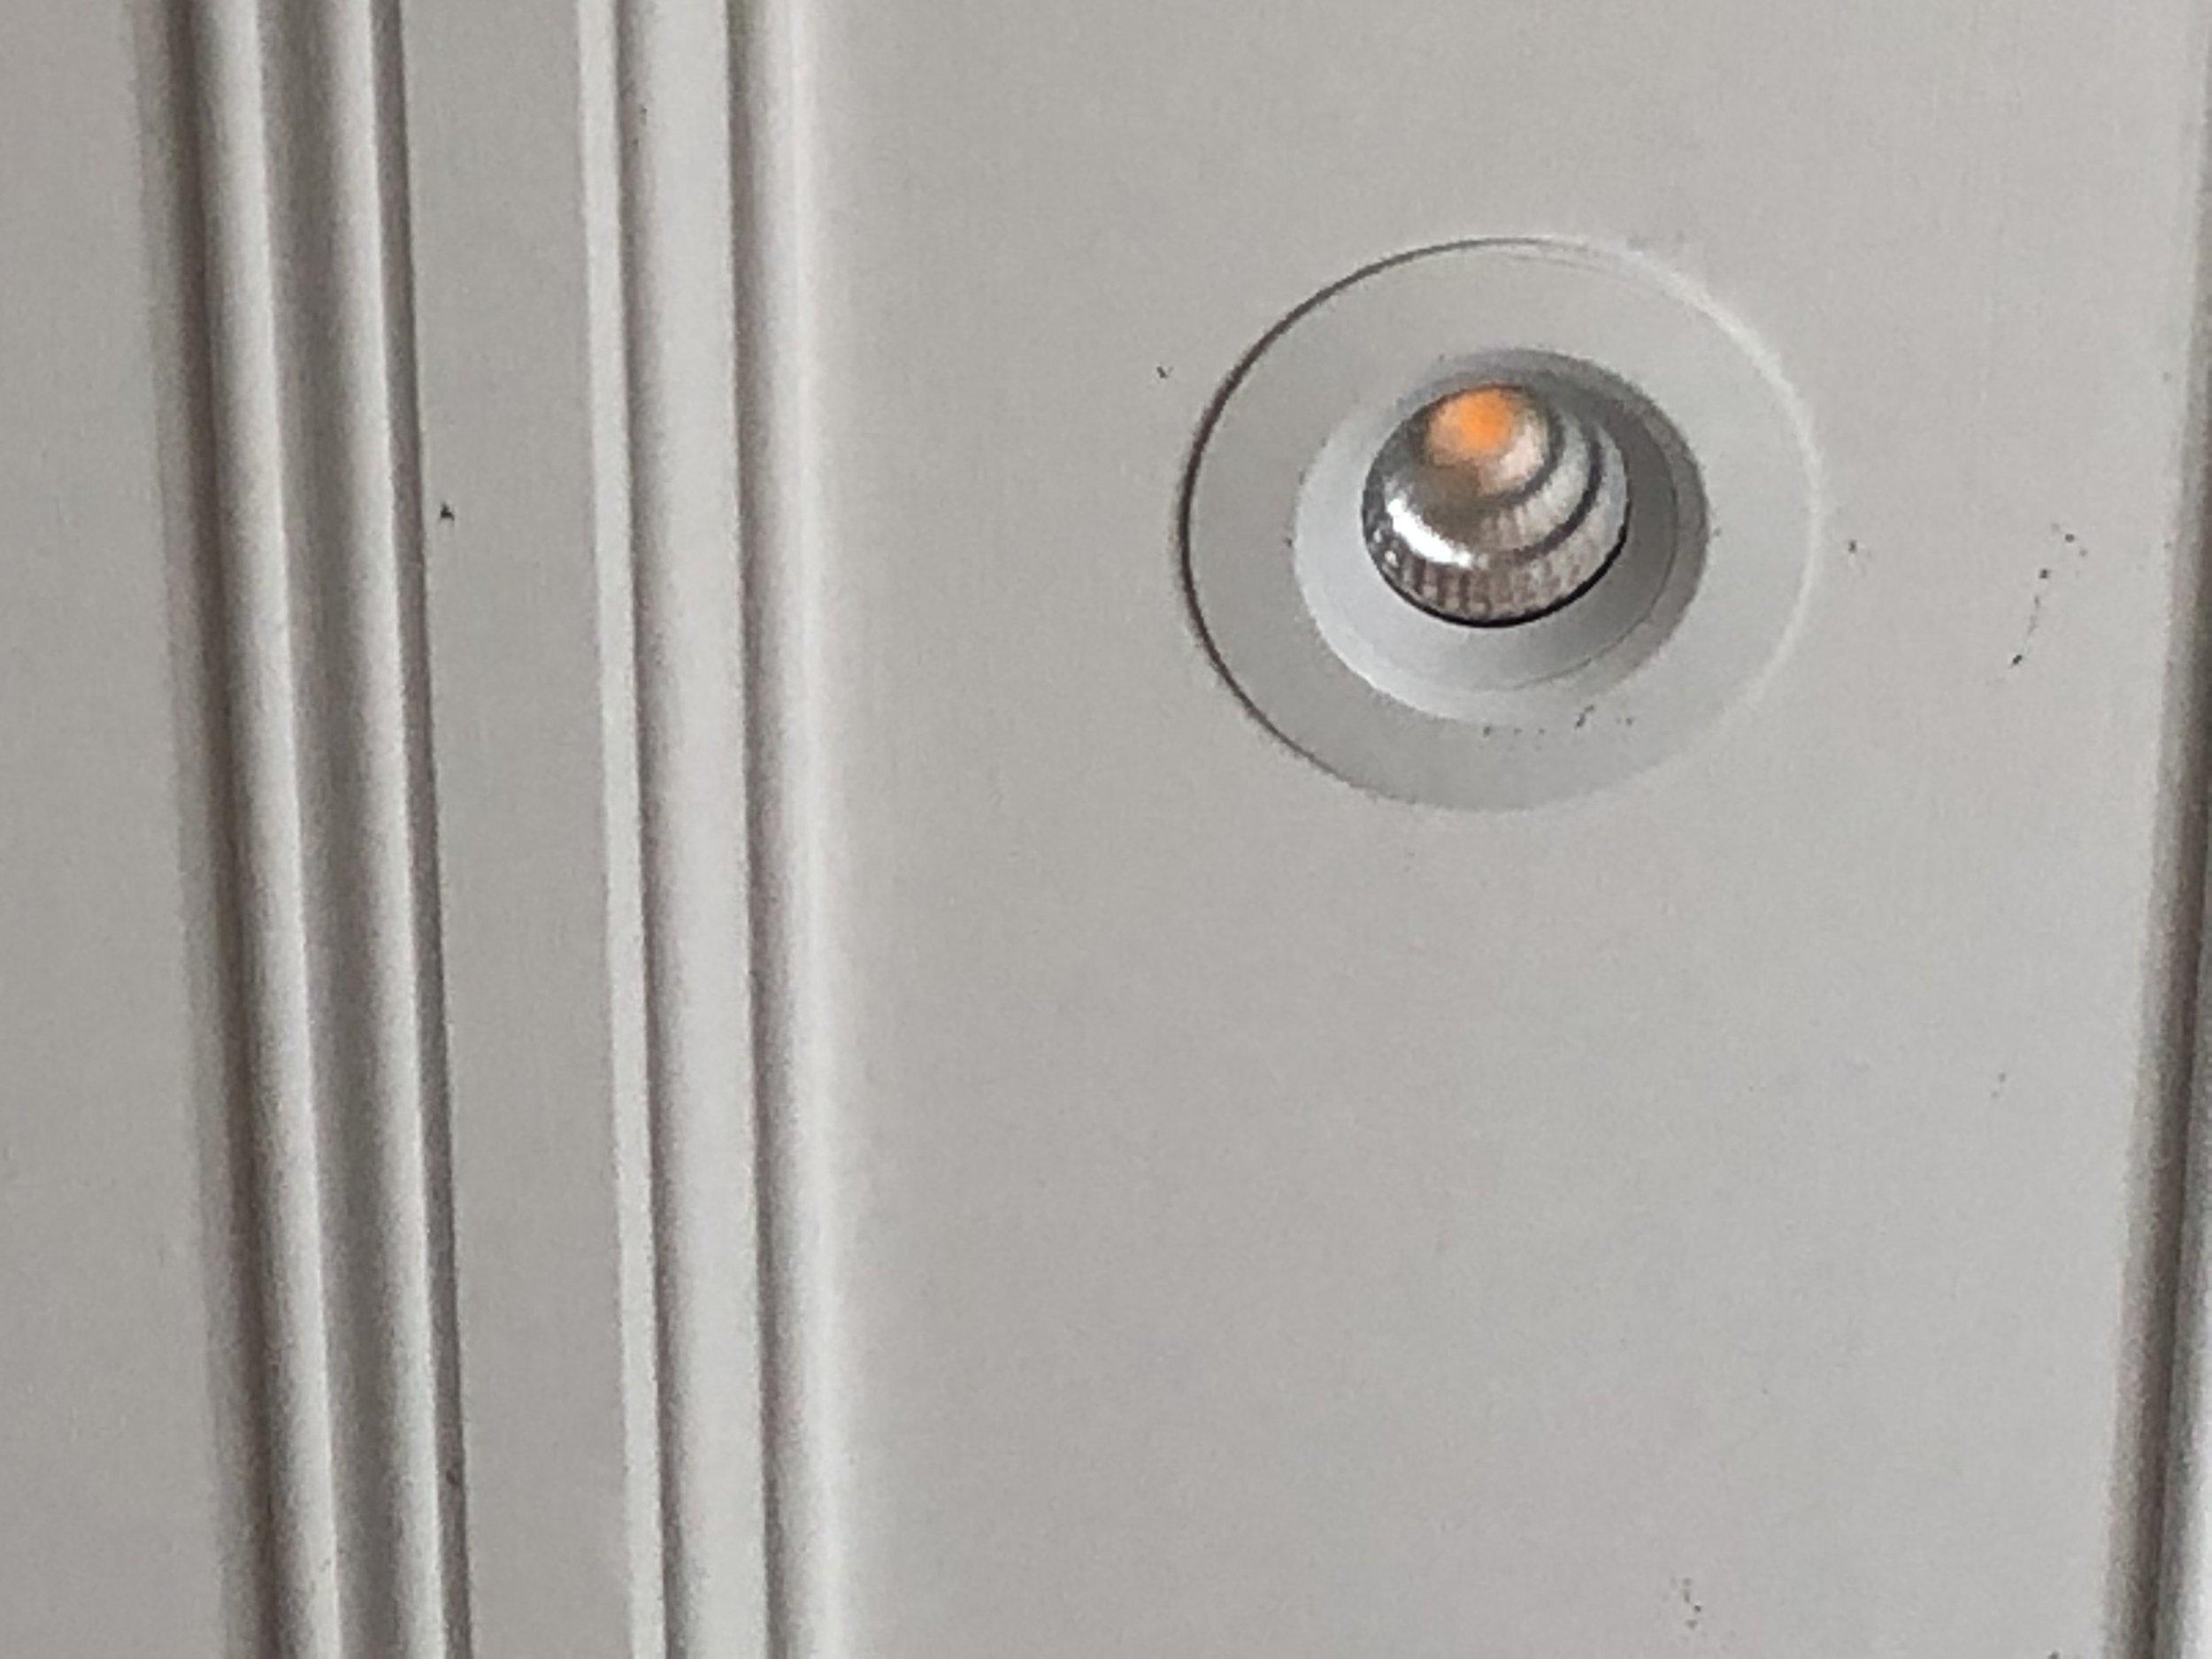 LED Downlight Installation 1.JPG